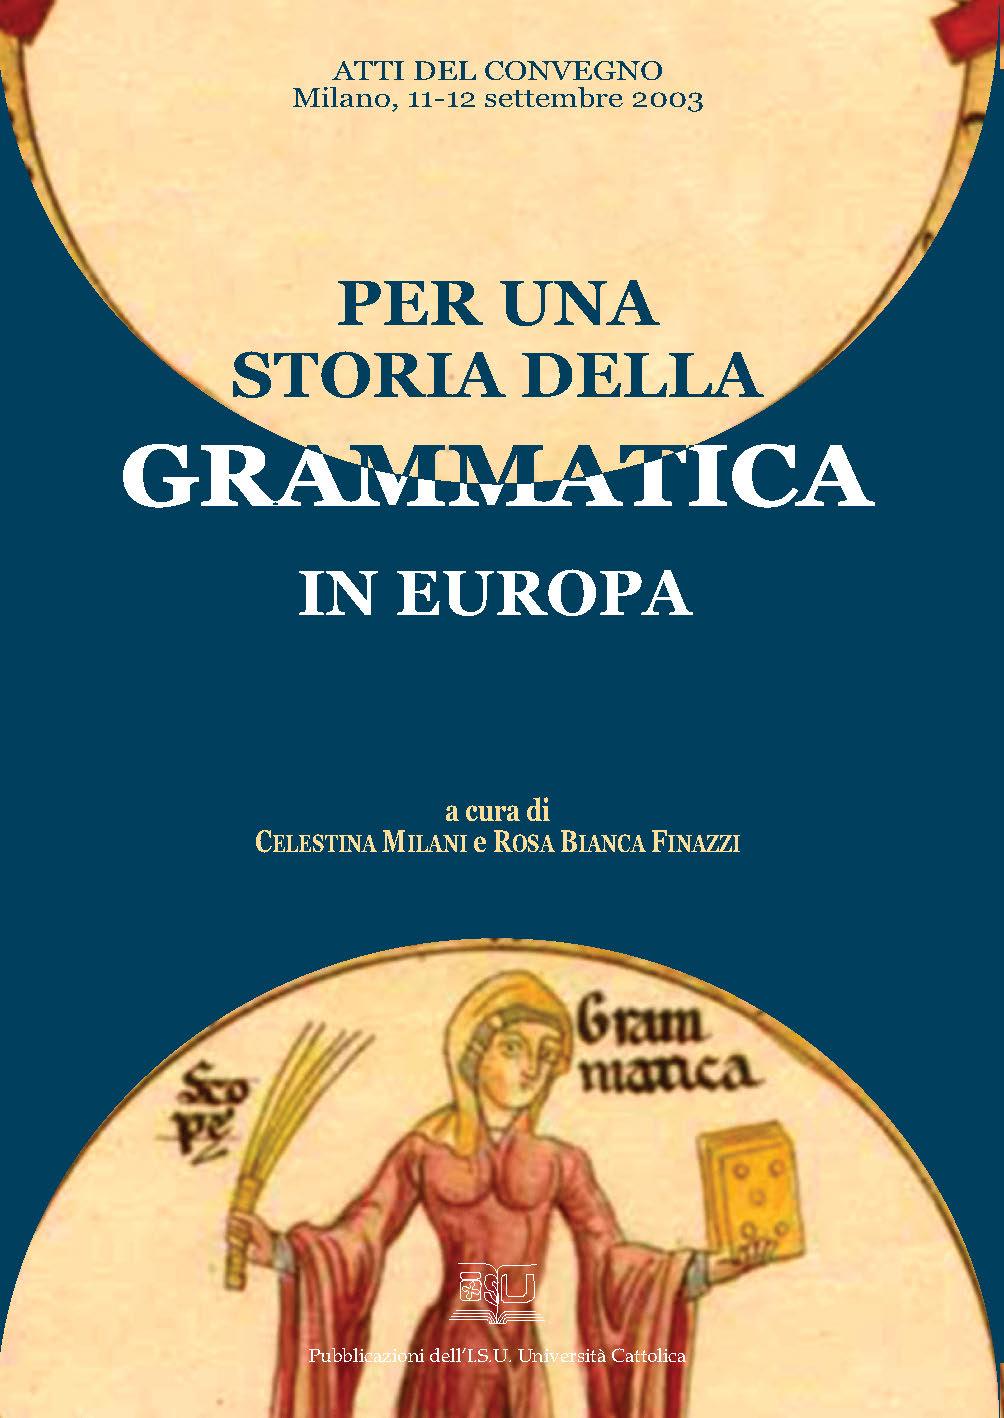 PER UNA STORIA DELLA GRAMMATICA IN EUROPA. ATTI DEL CONVEGNO MILANO, 11-12 SETTEMBRE 2003